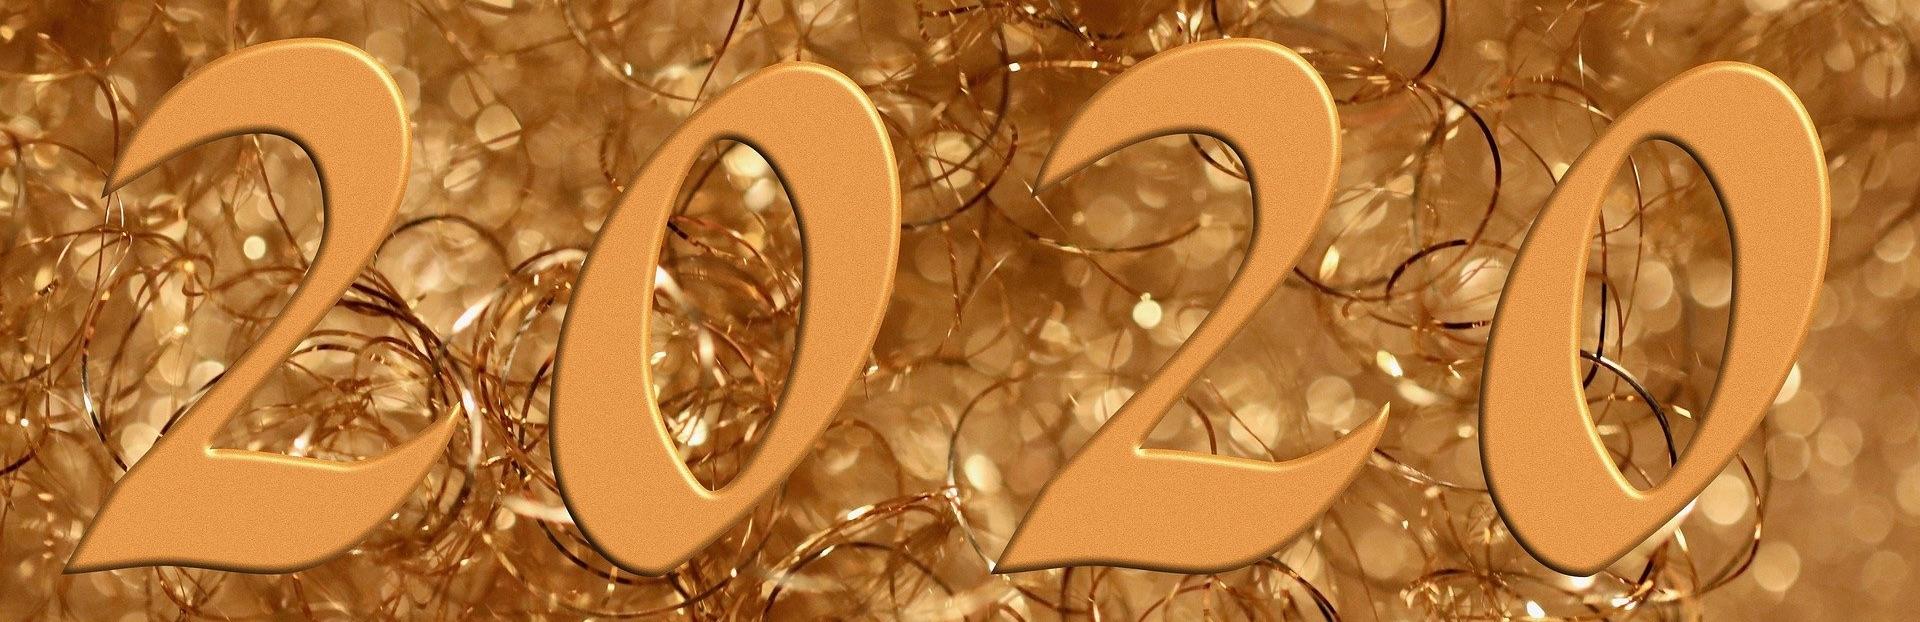 2020 Glückwünsche